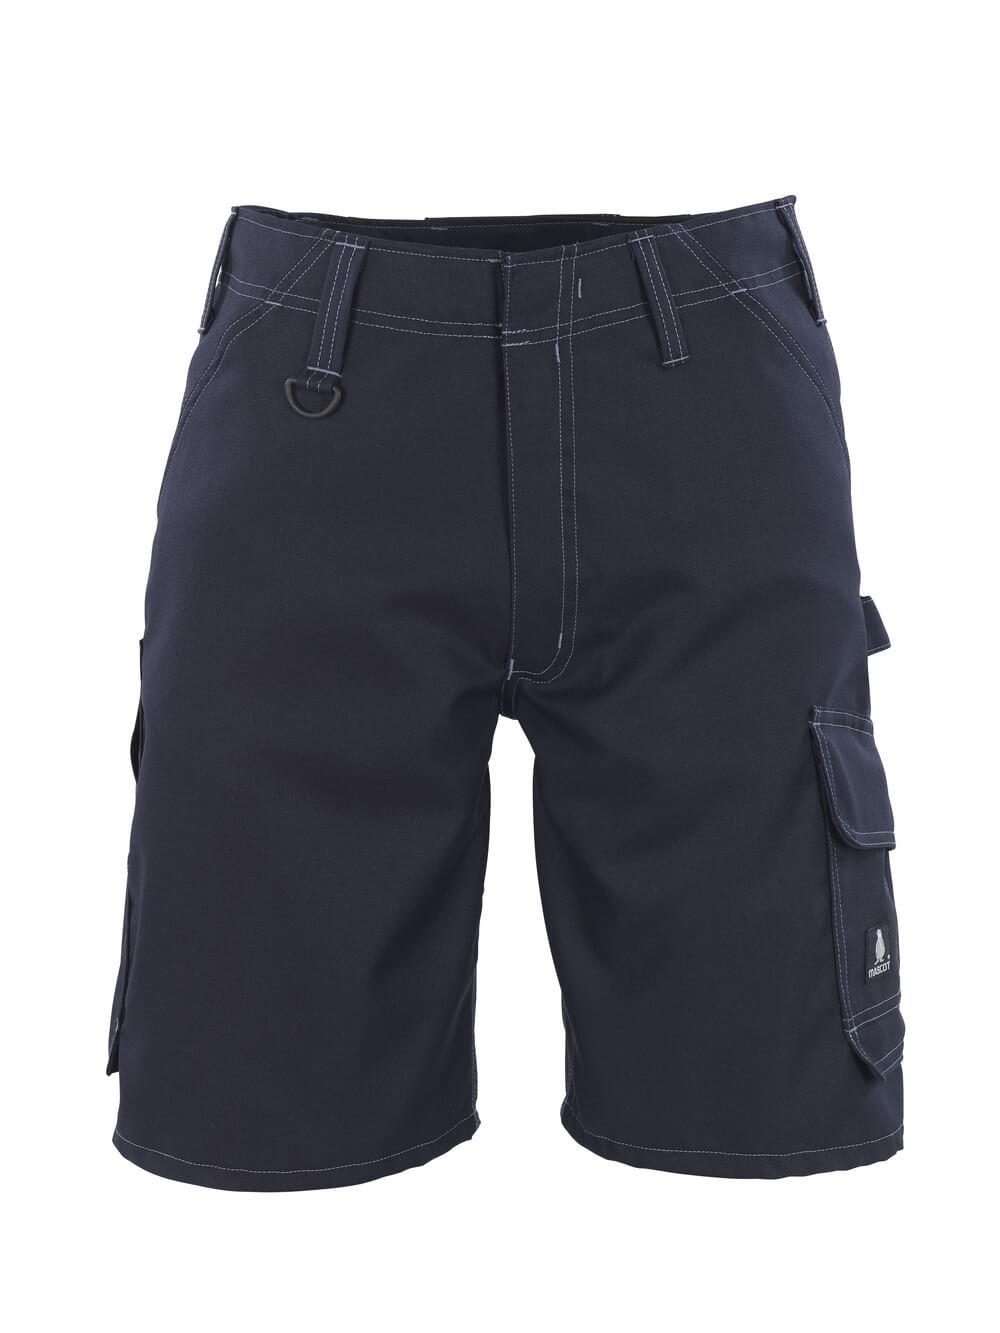 10149-154-010 Shorts - mörk marin